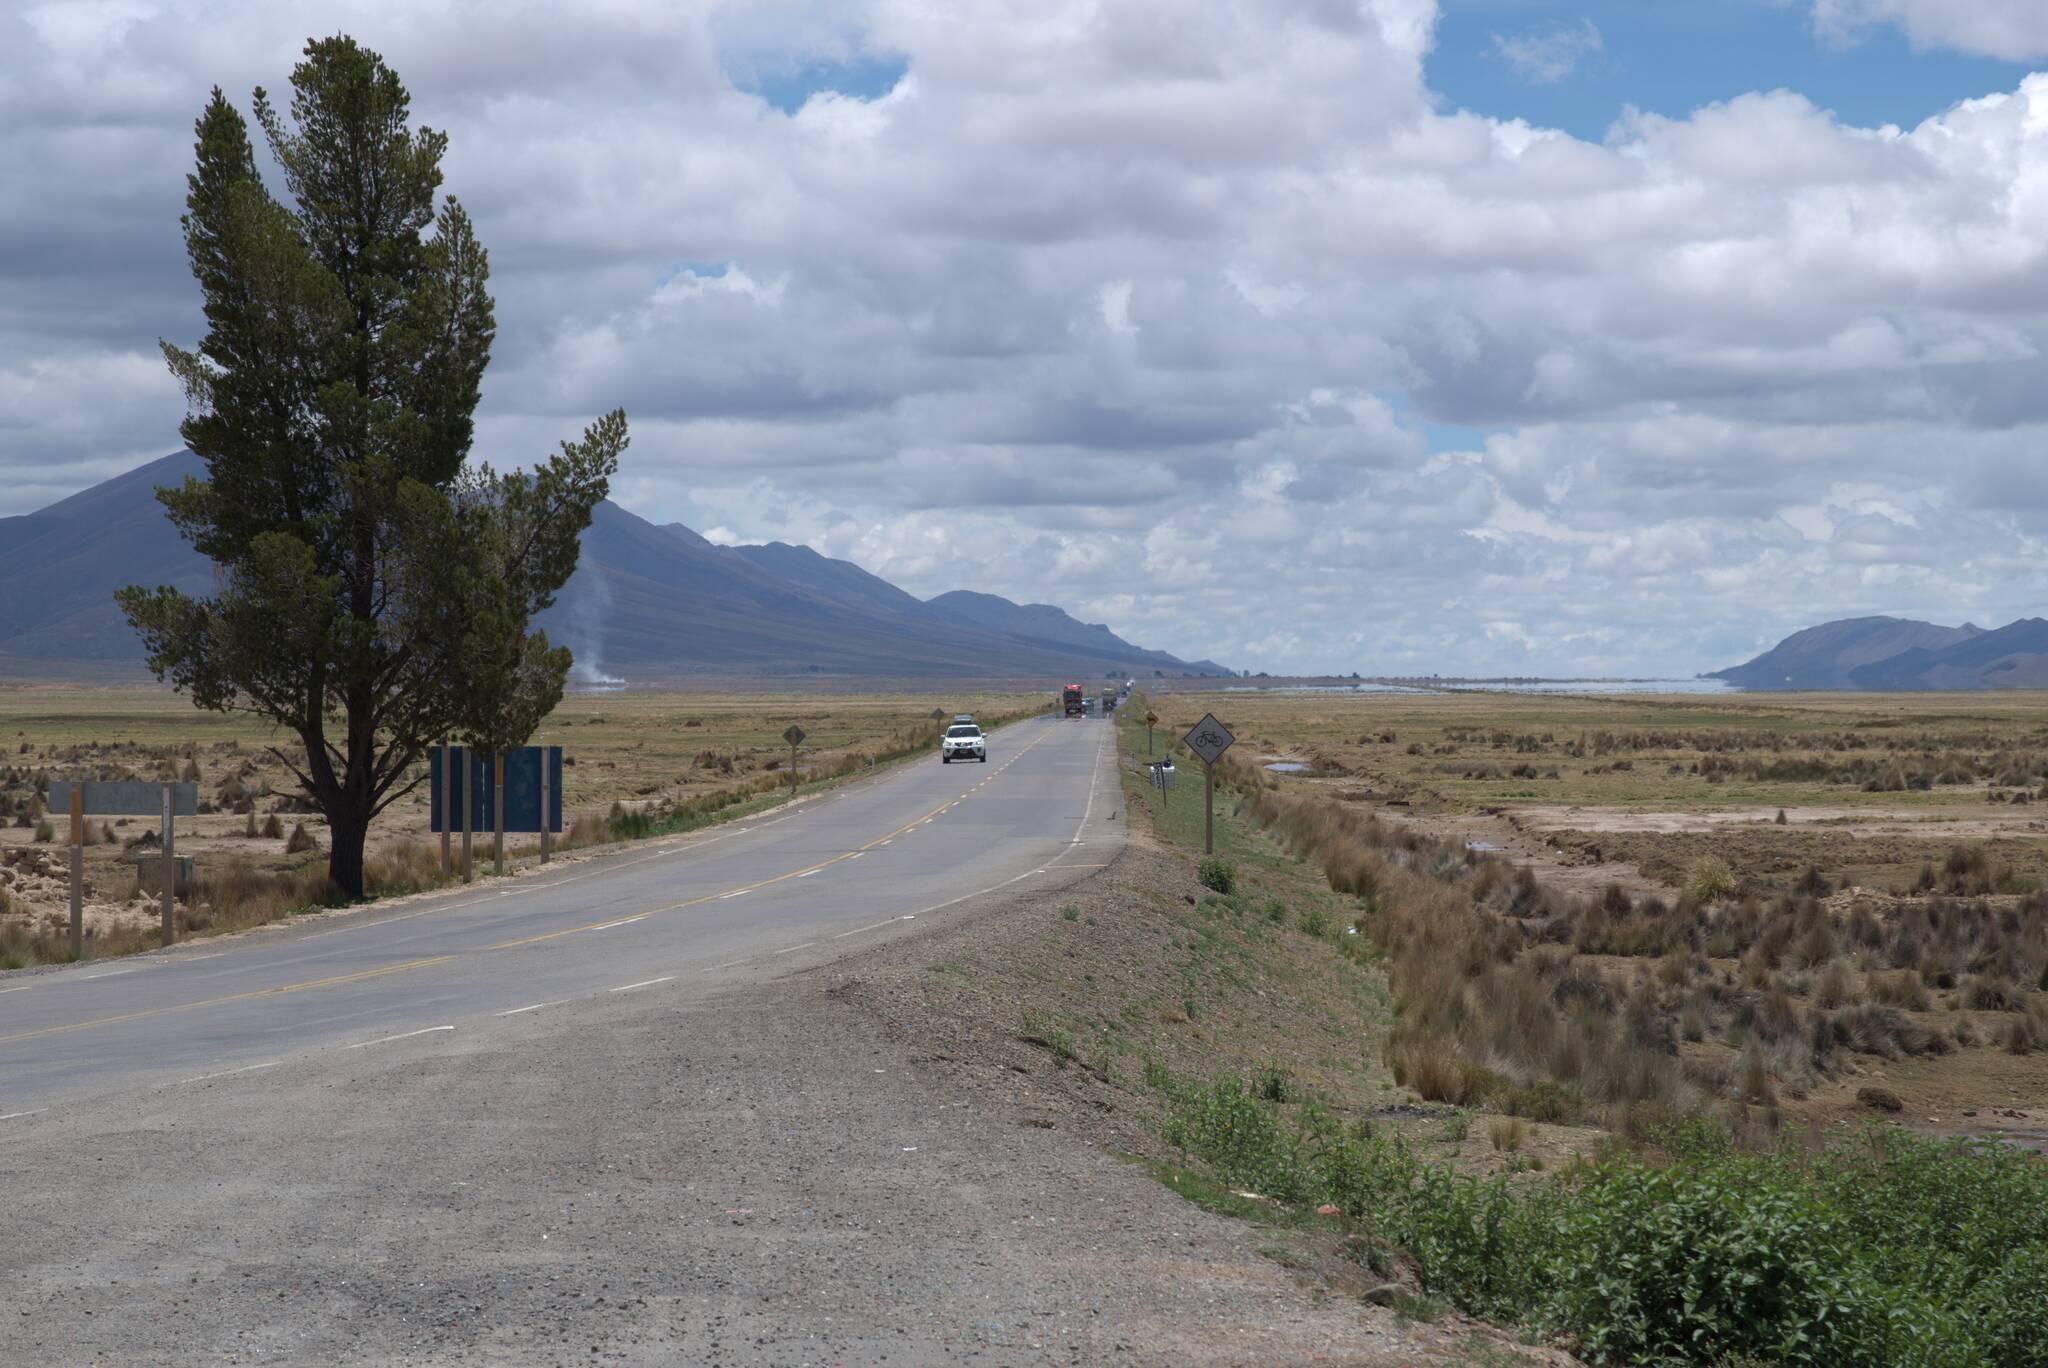 Droga w stronę Uyuni